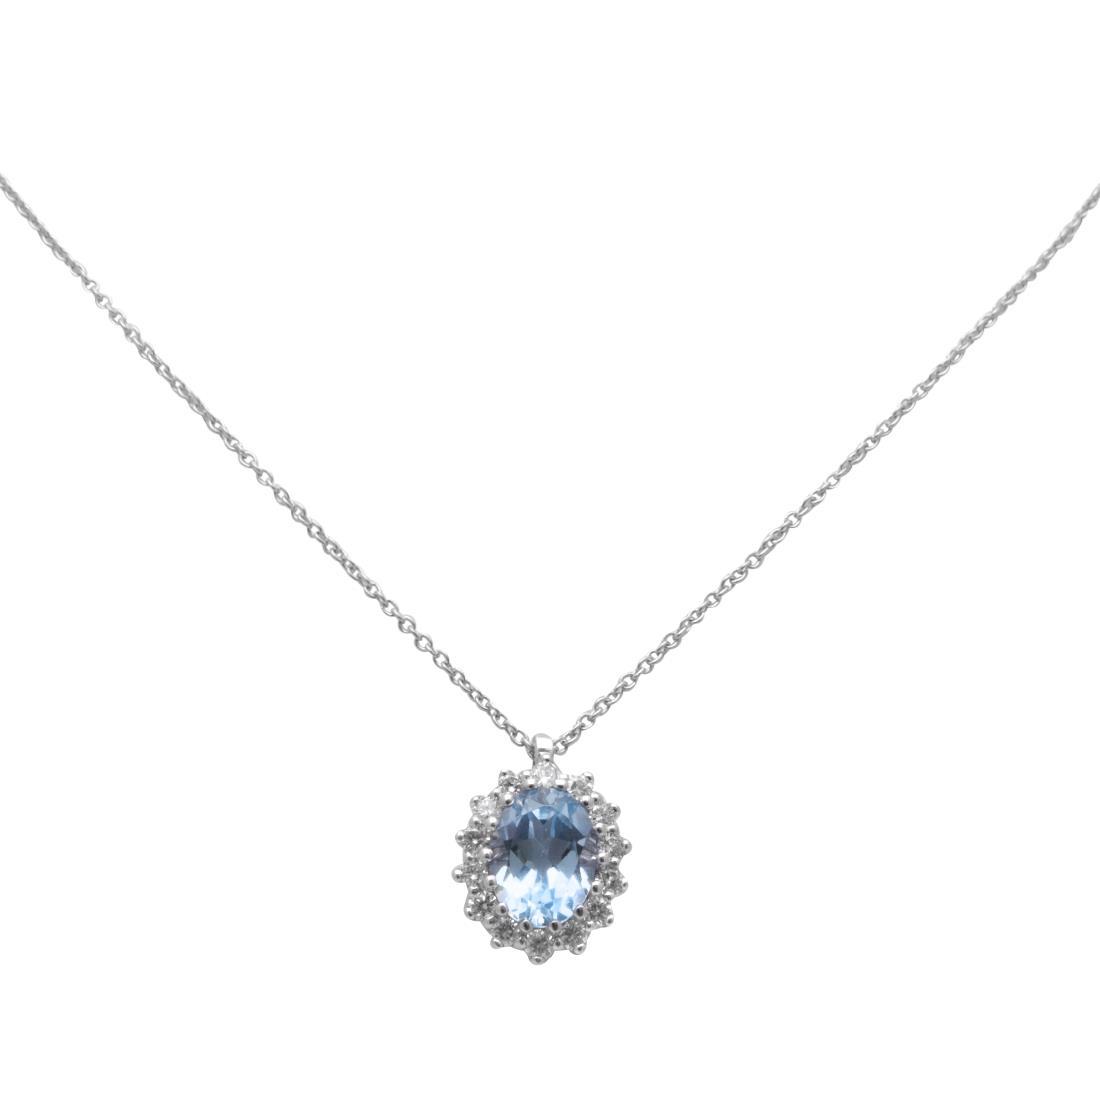 Collana con pendente in oro bianco e diamanti ct 0.28 - ALFIERI & ST. JOHN